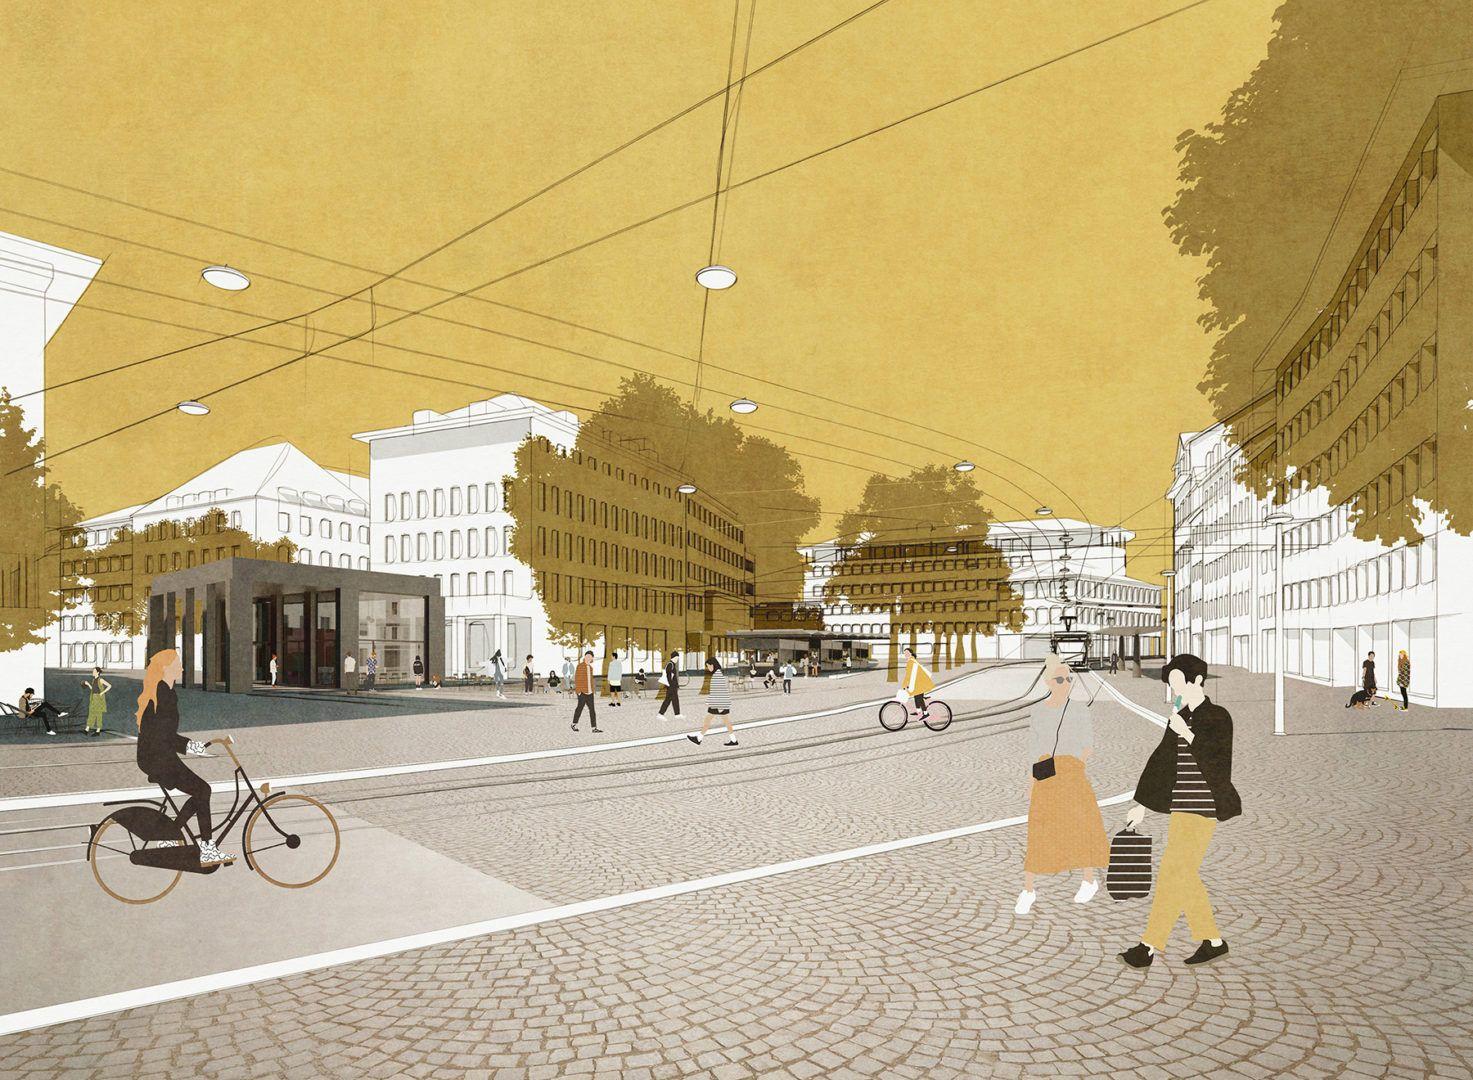 Marktplatz St. Gallen - Ronen Bekerman - 3D Architectural Visualization & Rendering Blog